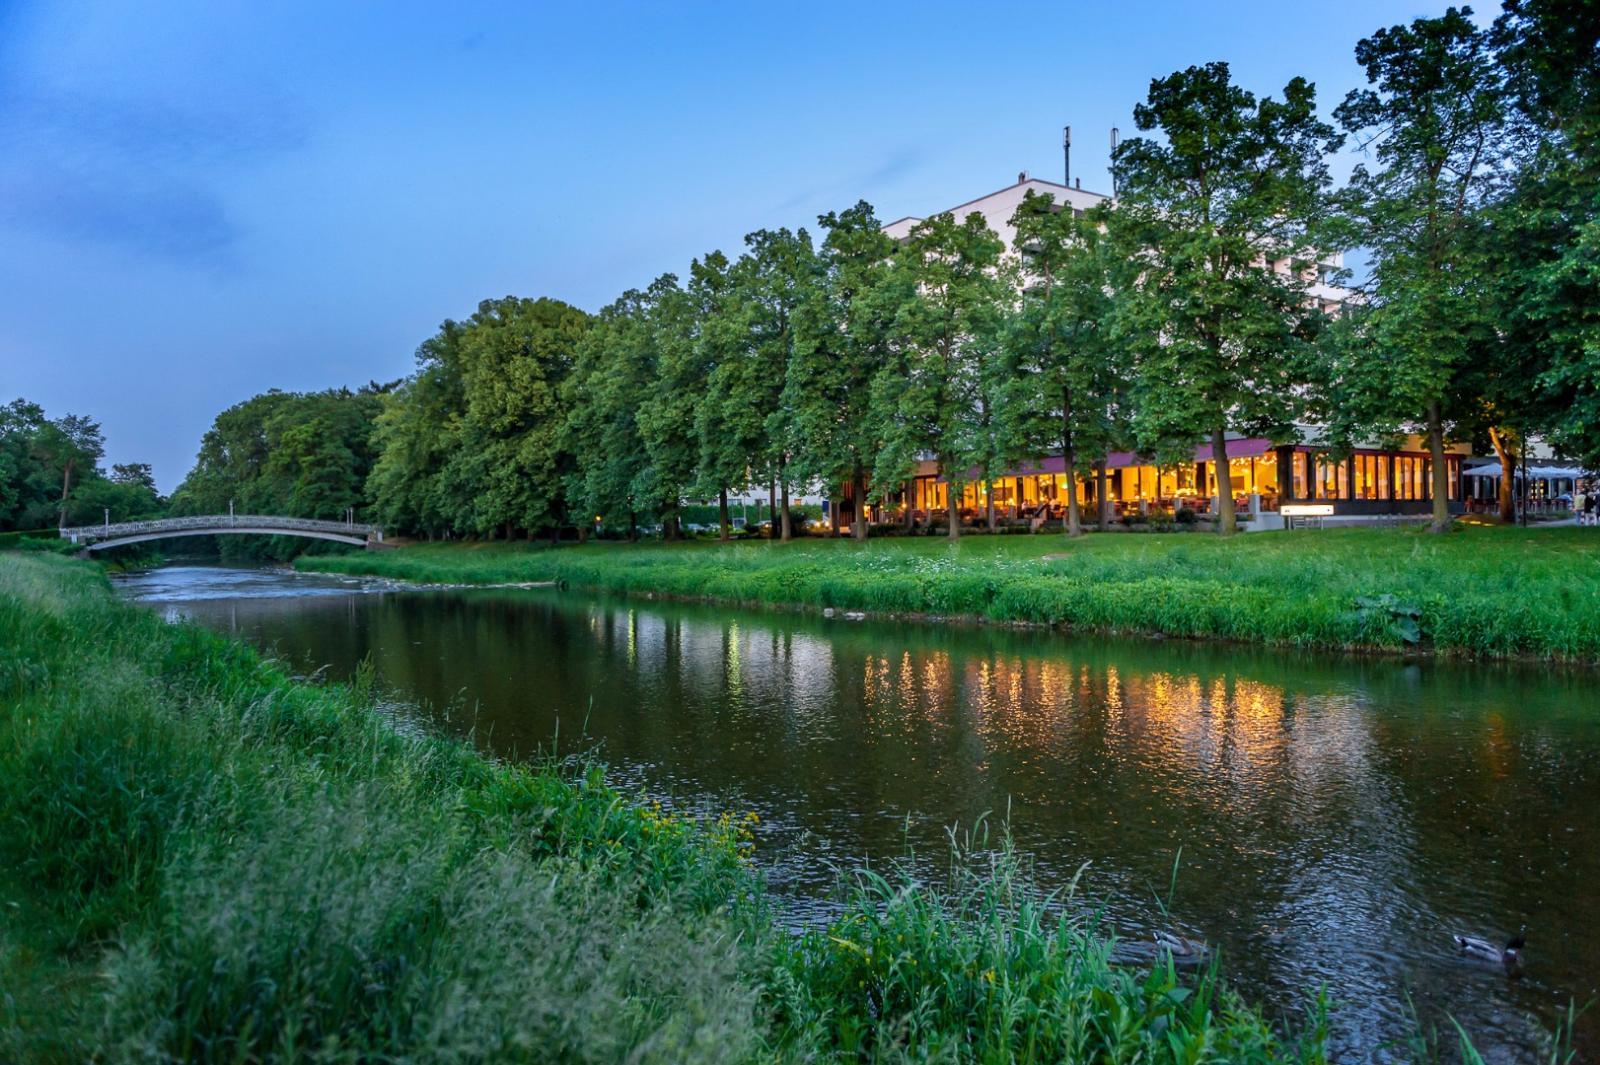 Dorint Hotel Bad Neuenahr Angebote